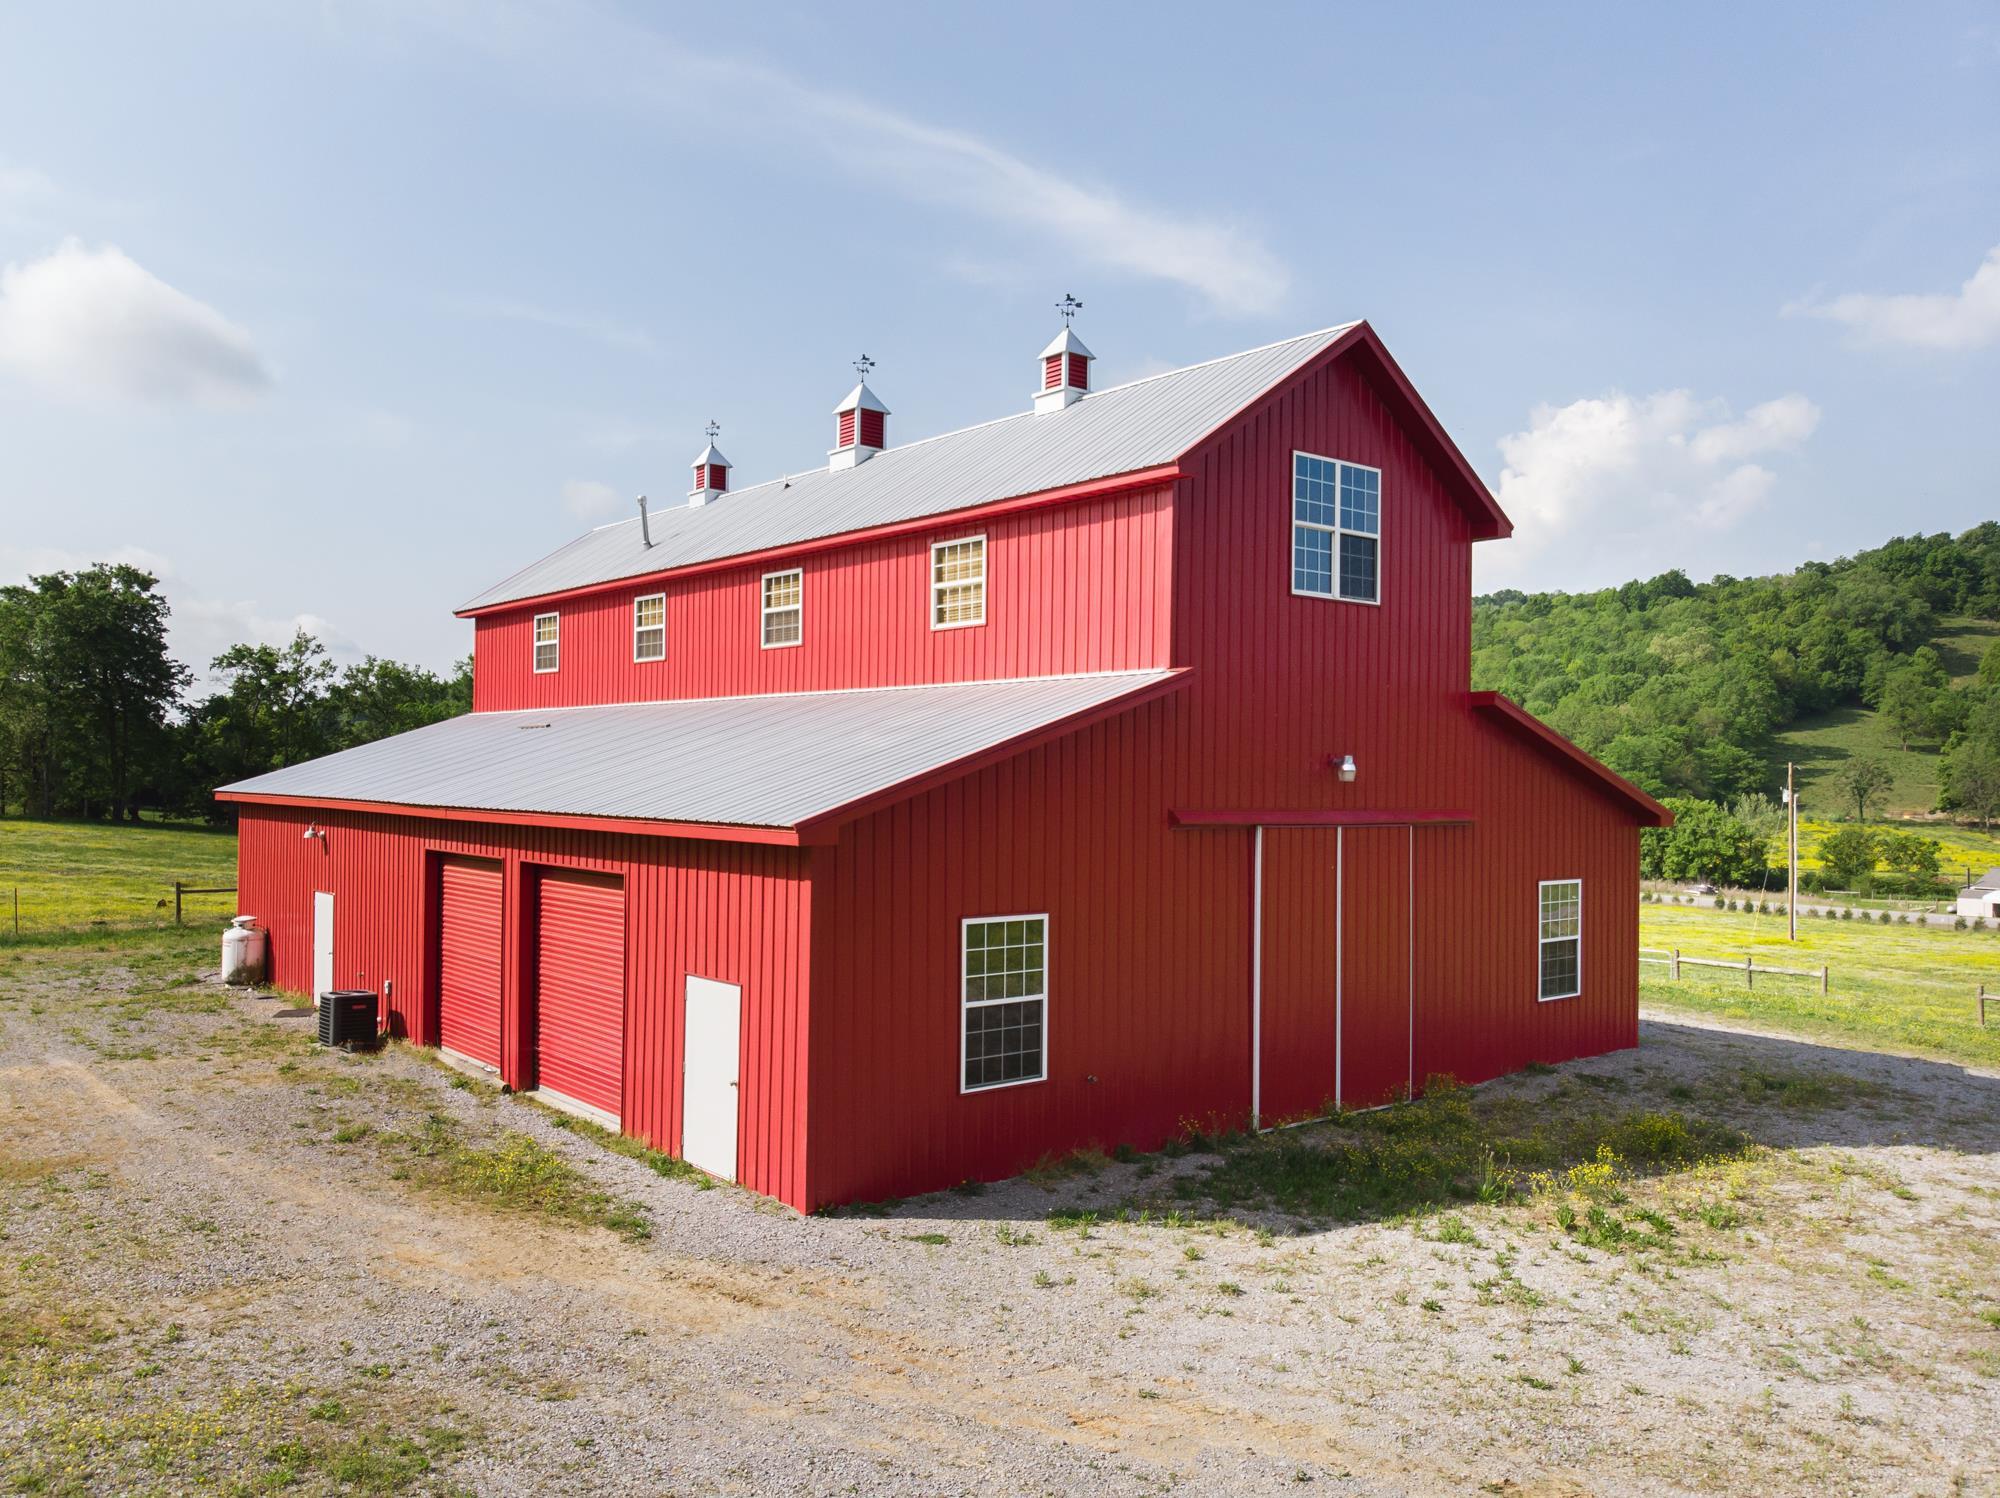 263 Bledsoe Rd, Petersburg, TN 37144 - Petersburg, TN real estate listing